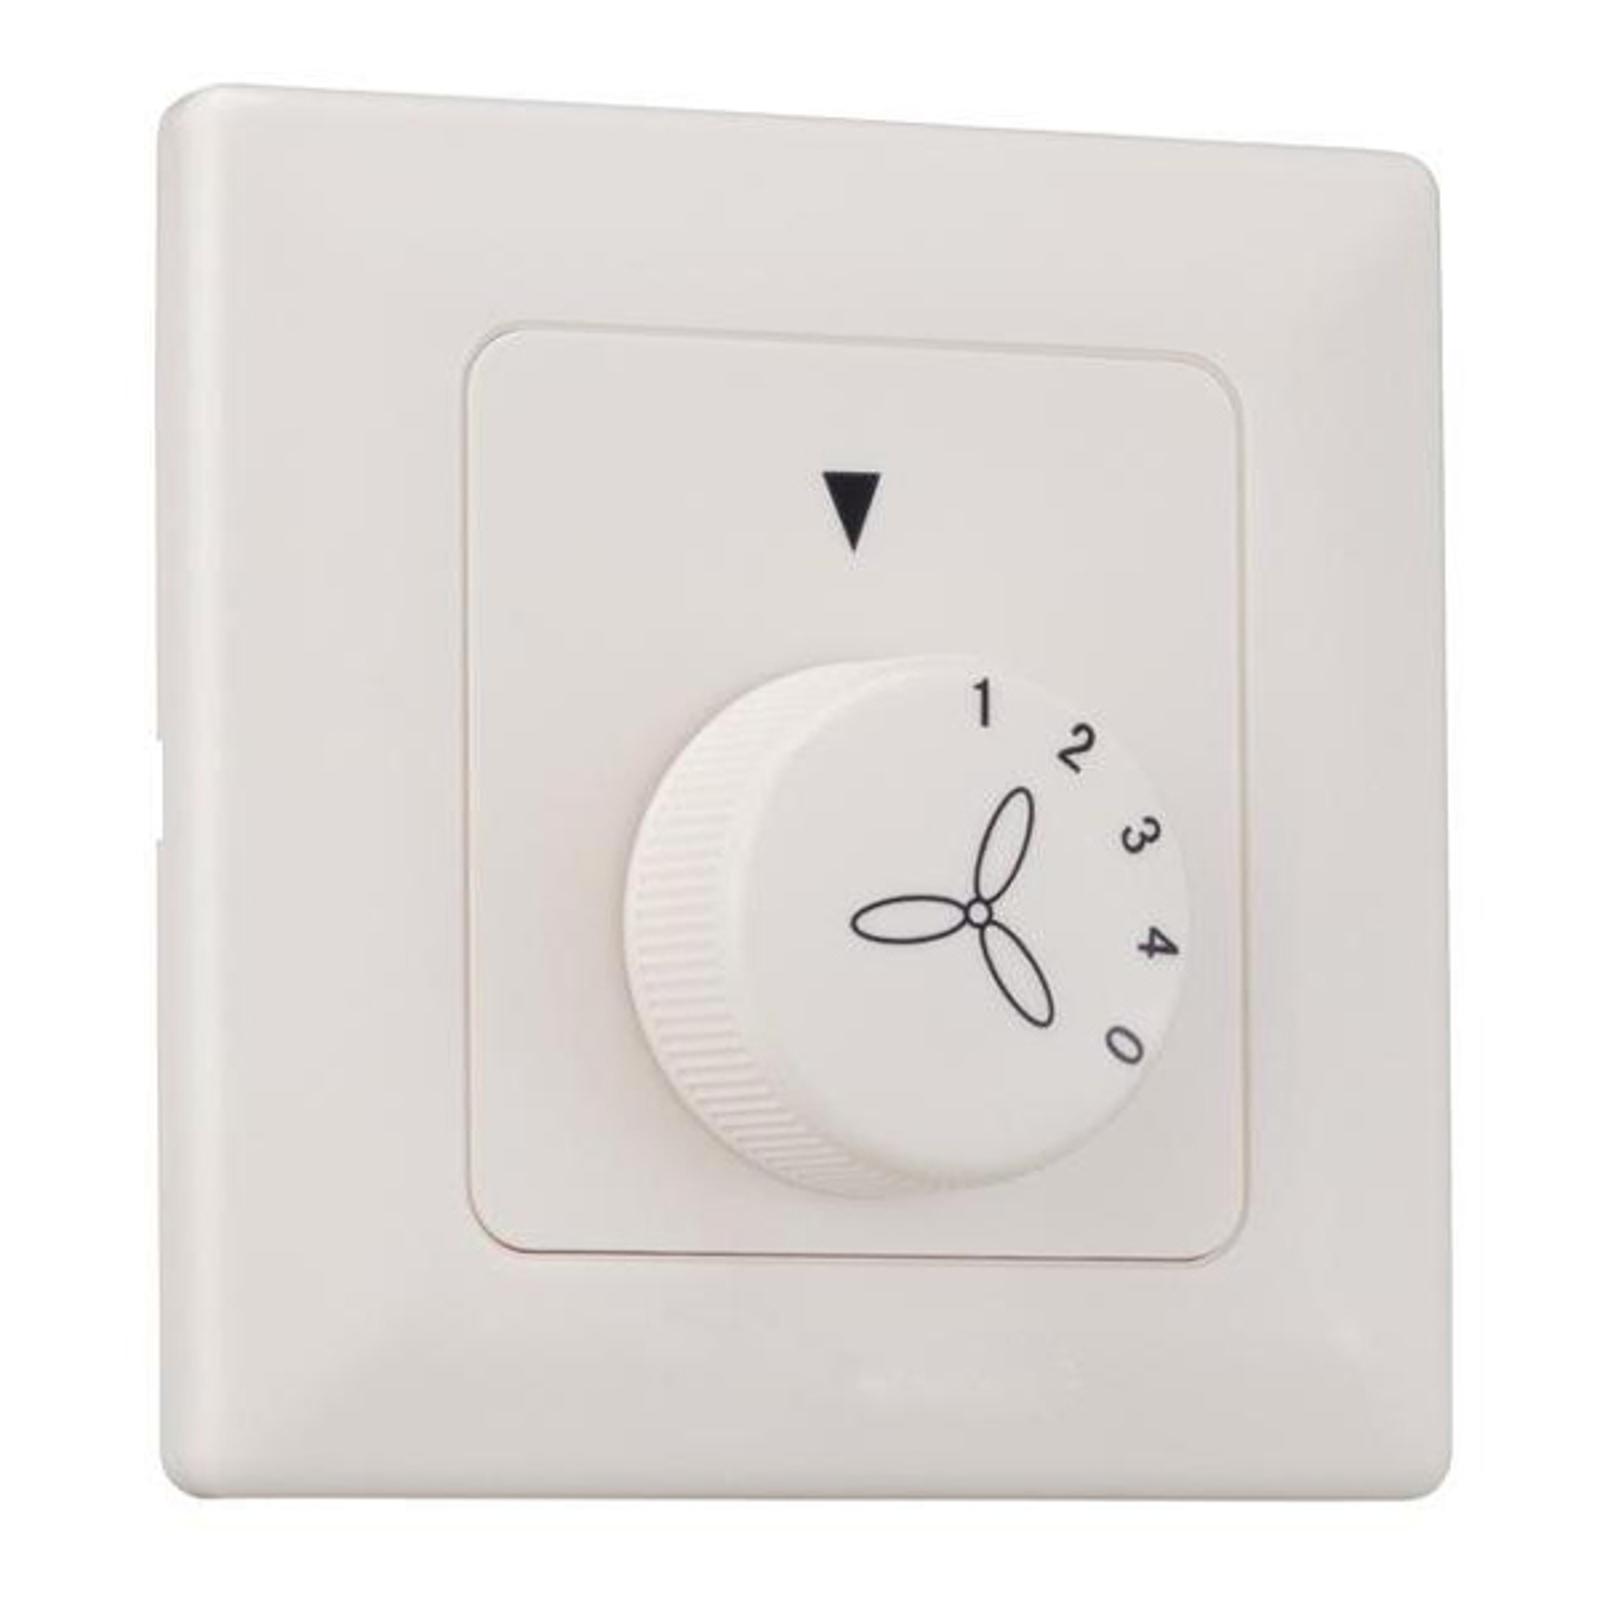 Westinghouse vægkontakt til ventilatorer, 4 trin